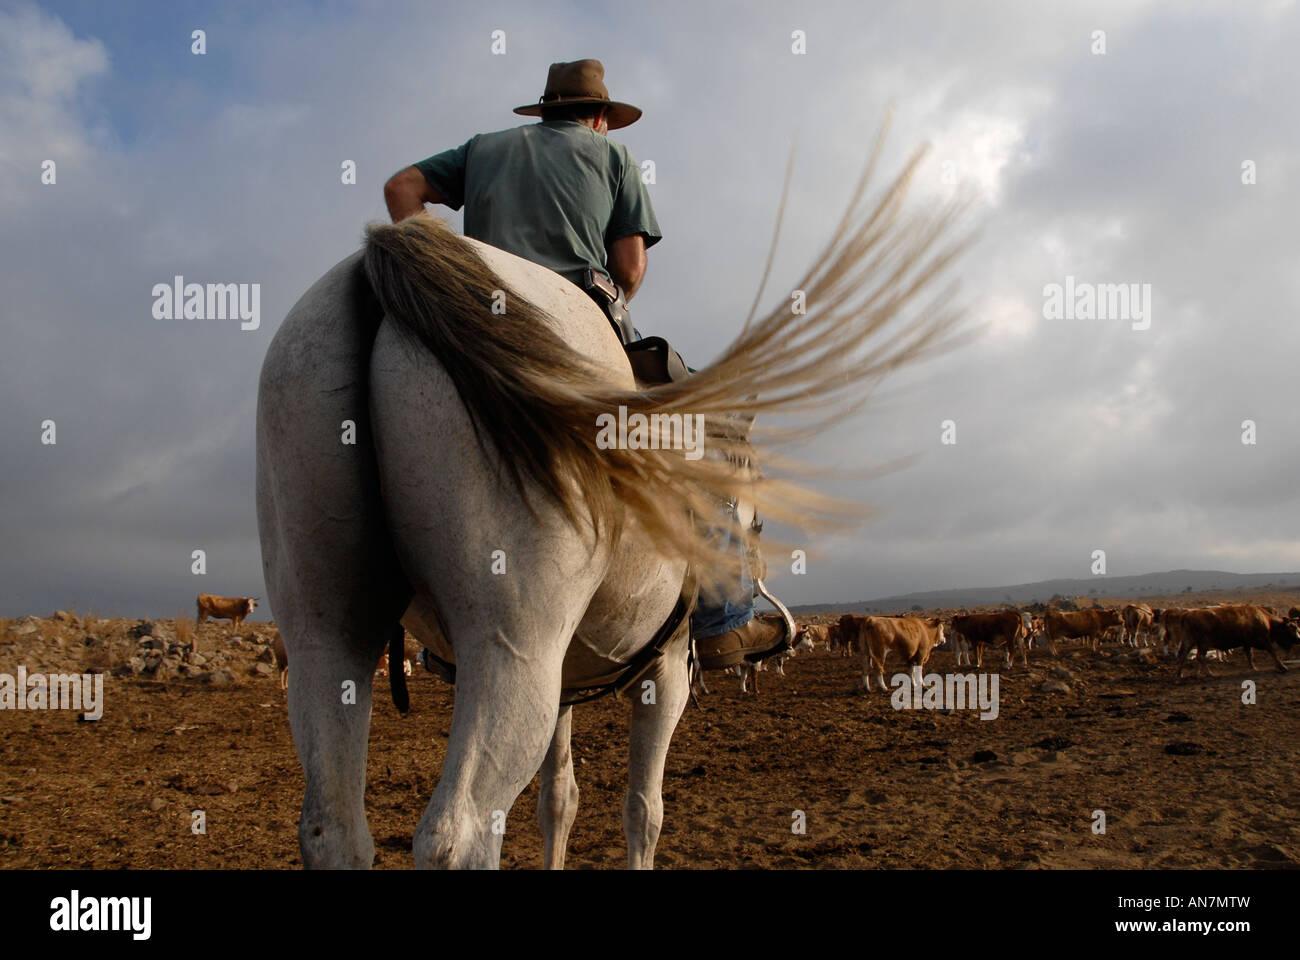 Ein israelischer Viehzüchter, der eine Pistole auf einem Pferd in den Golanhöhen im Norden Israels trägt Stockfoto